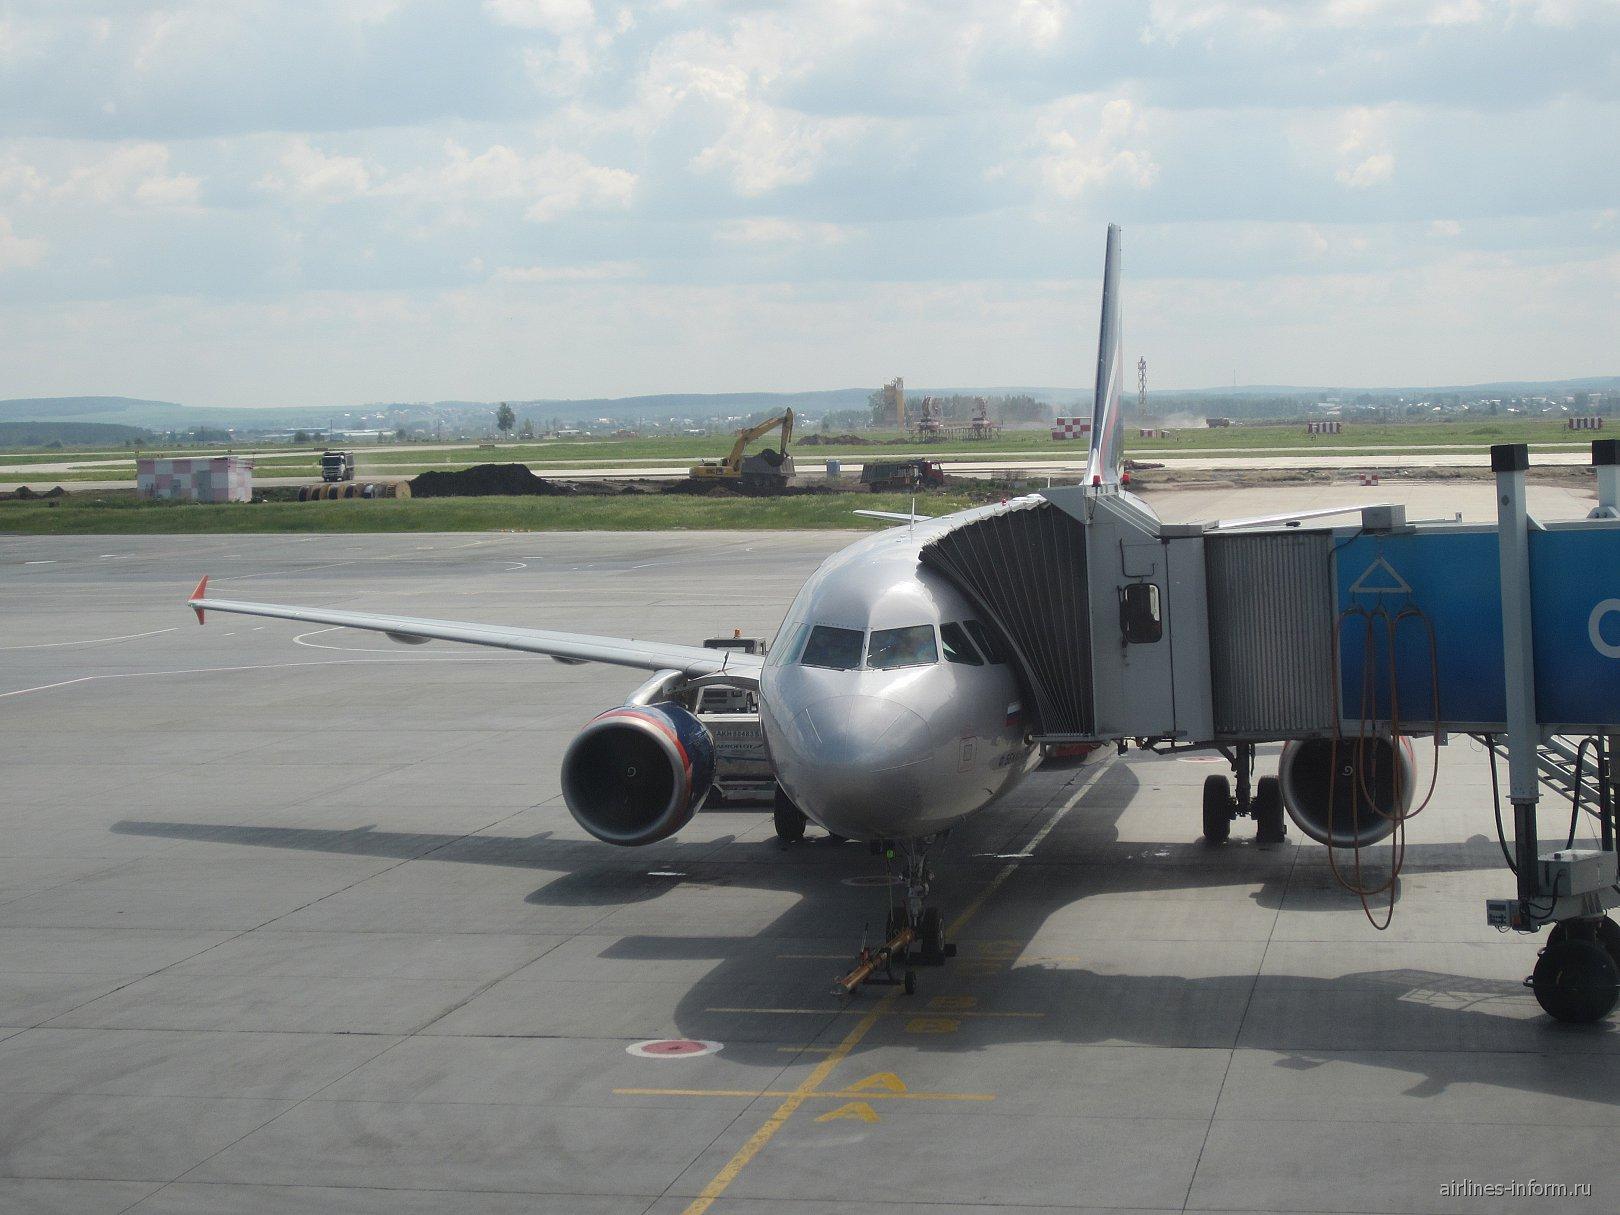 Посадка на рейс Аэрофлота Екатеринбург-Москва